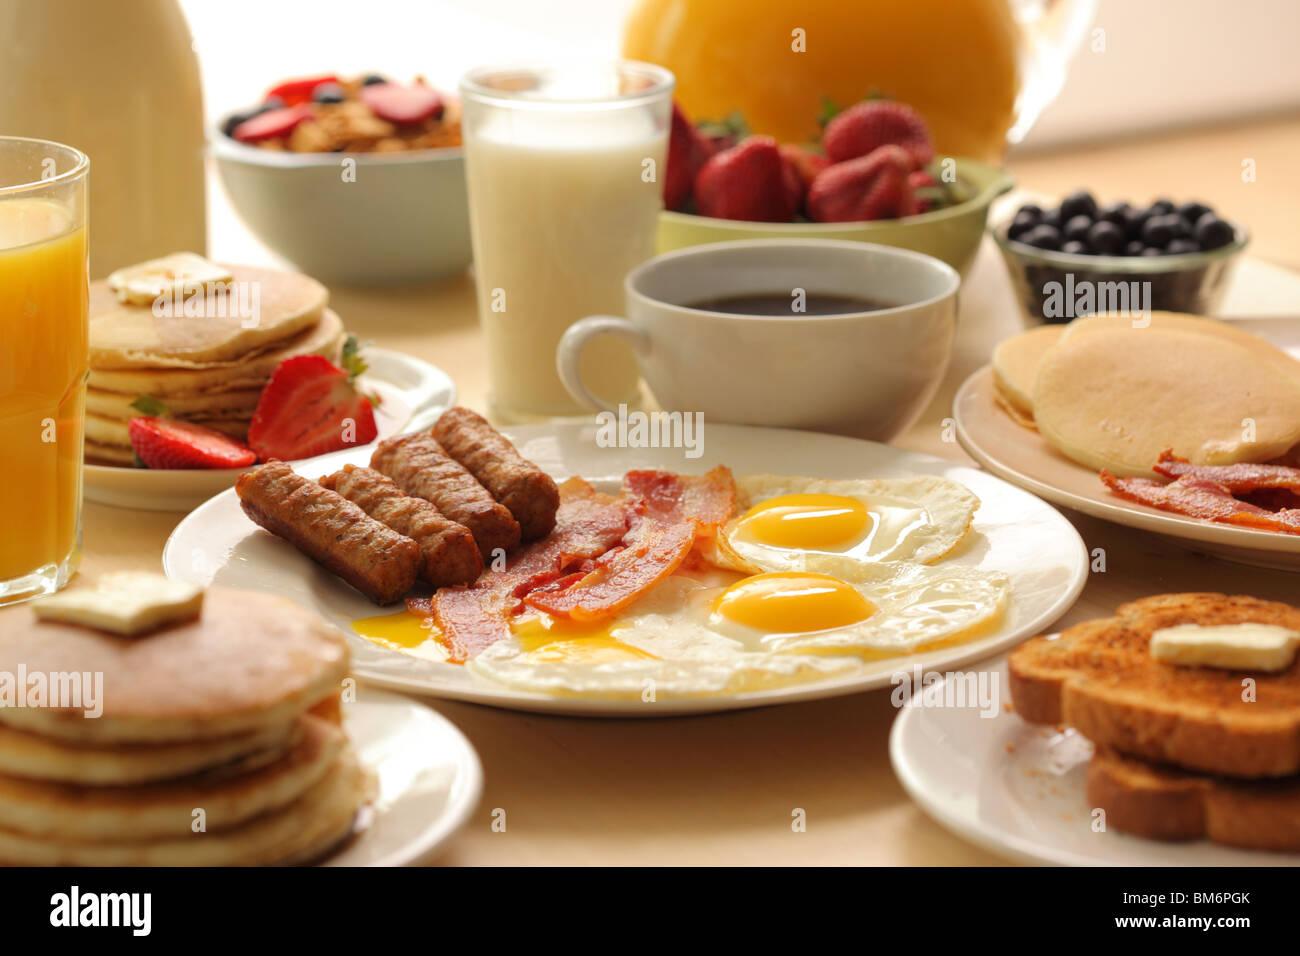 Le petit-déjeuner, saucisses, bacon, oeufs, pain grillé, café, céréales, fruits, toasts et des crêpes Banque D'Images